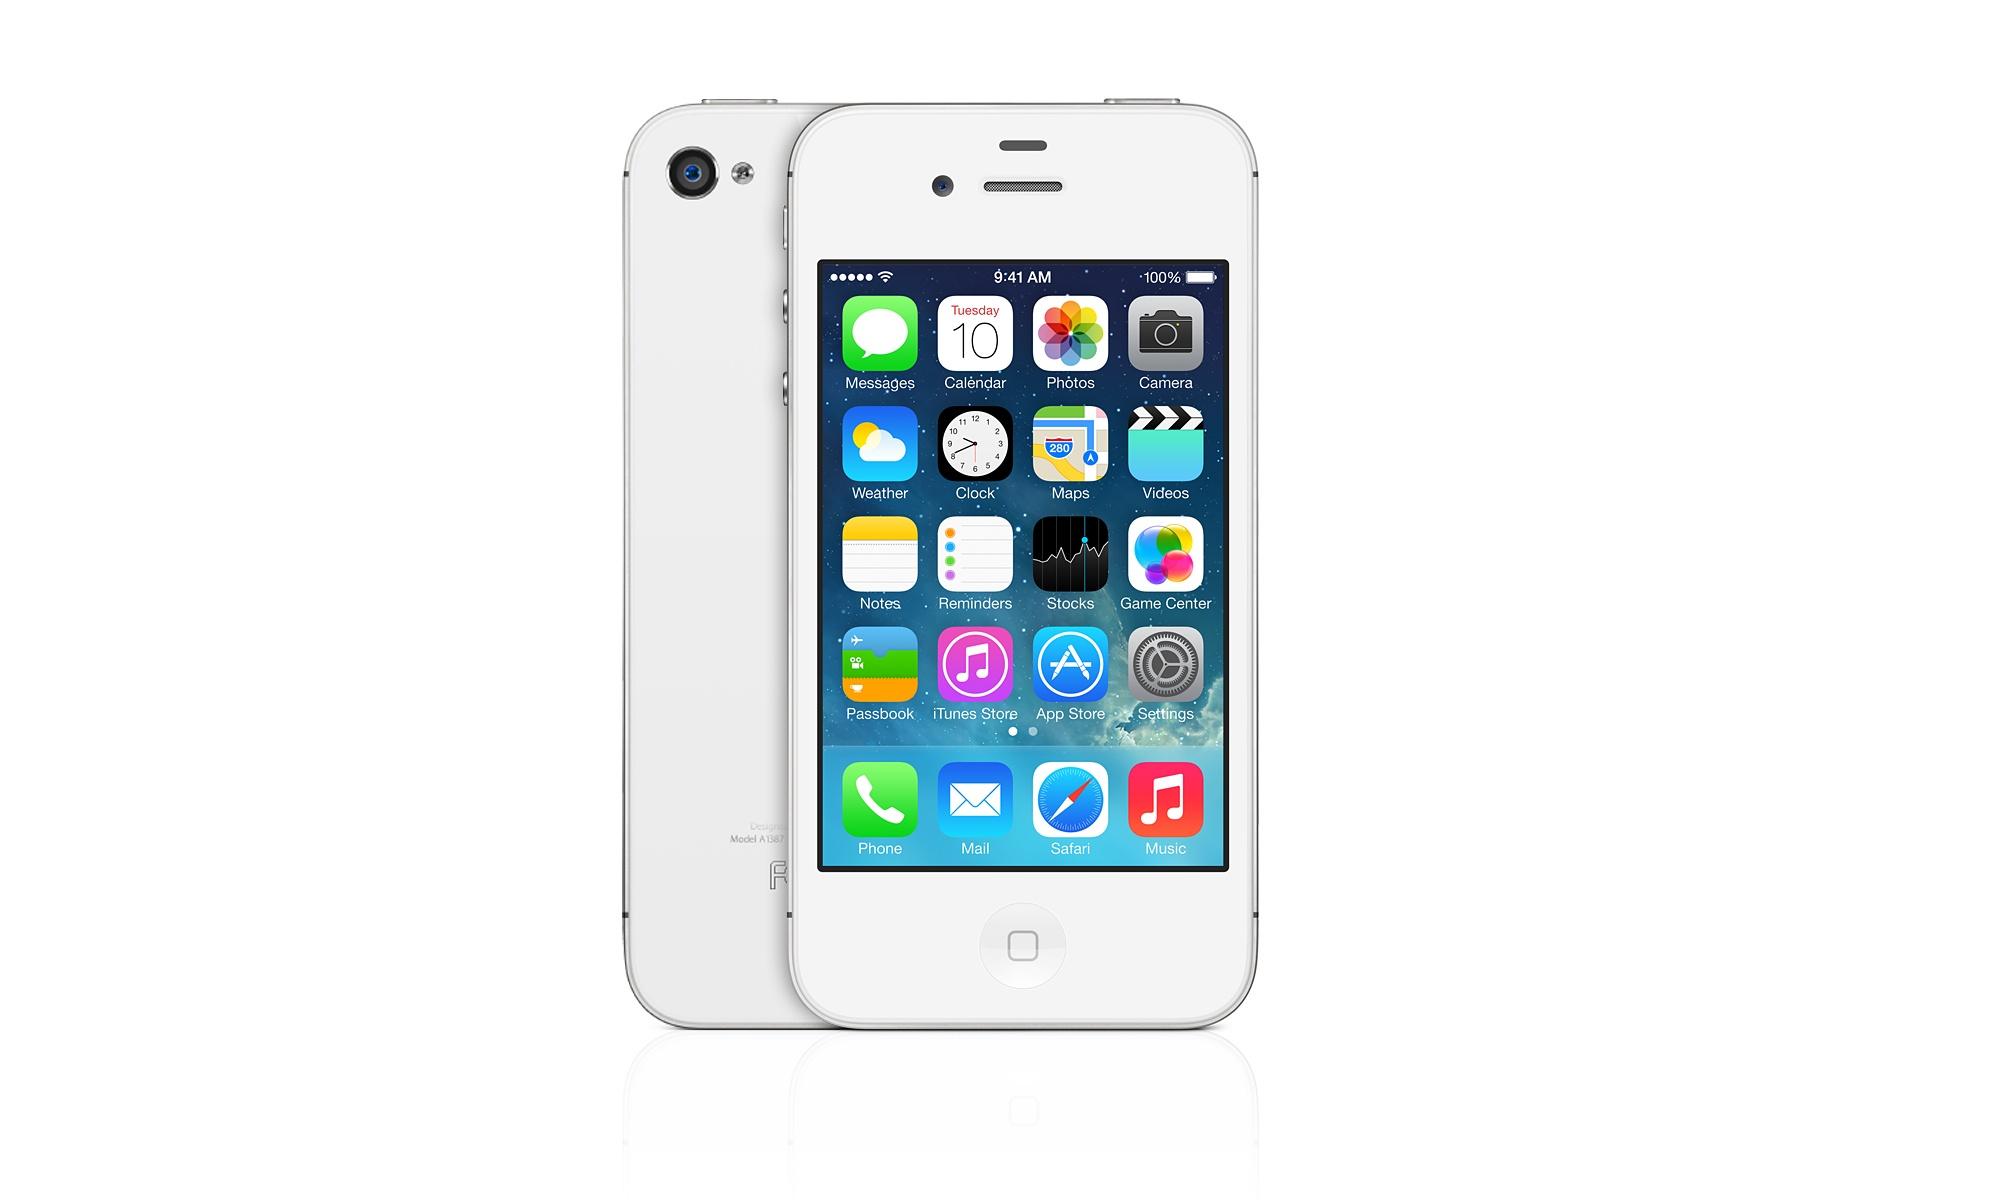 Truemove H ลดราคา iPhone 4s ลงอีก 6,000 บาทเหลือเพียง 8,900 บาทเท่านั้น